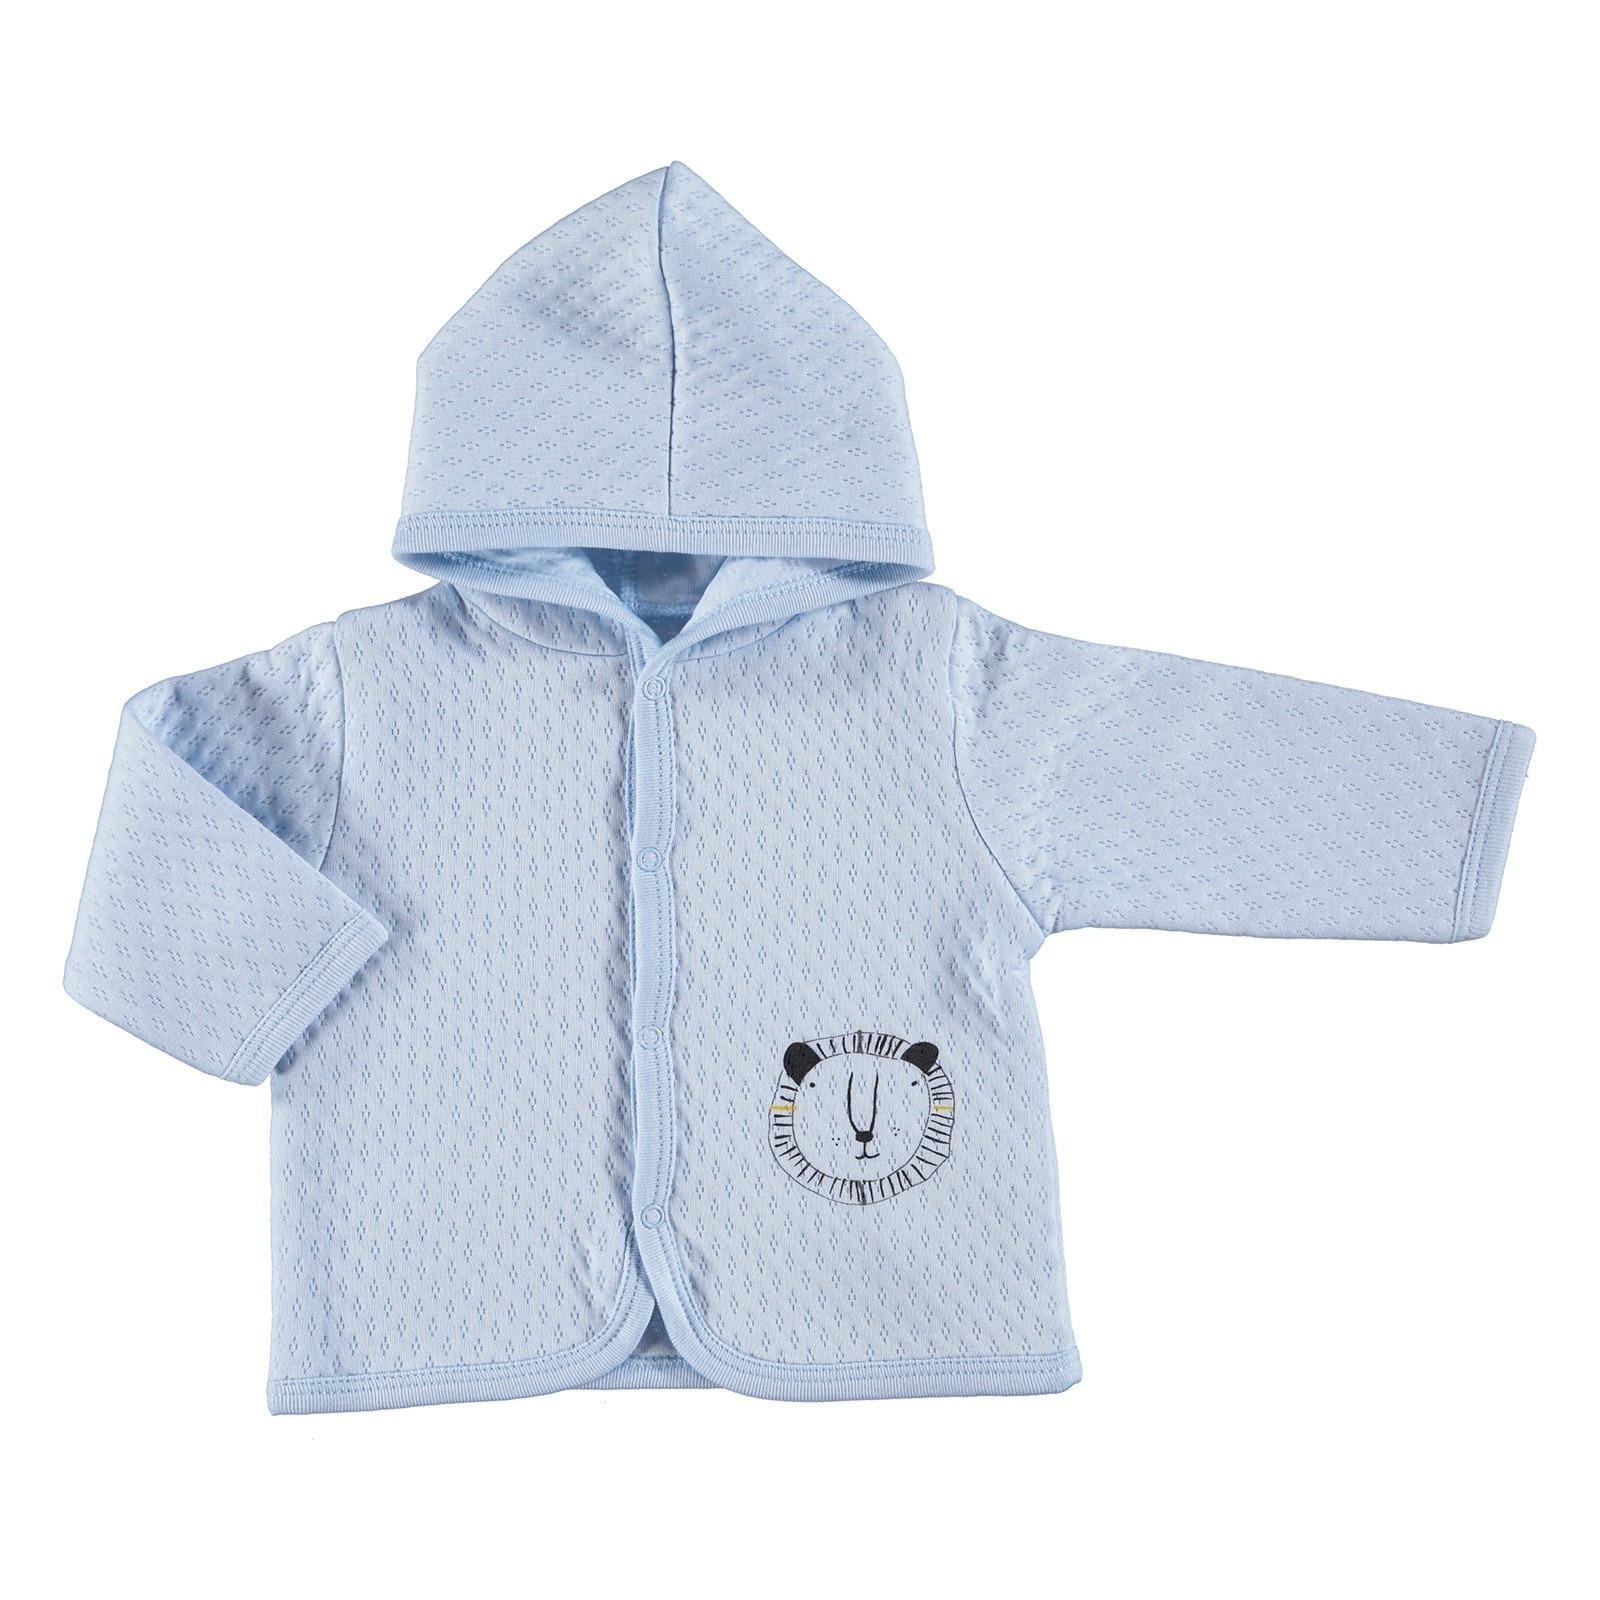 Ebebek HelloBaby Baby Hoodie Cardigan